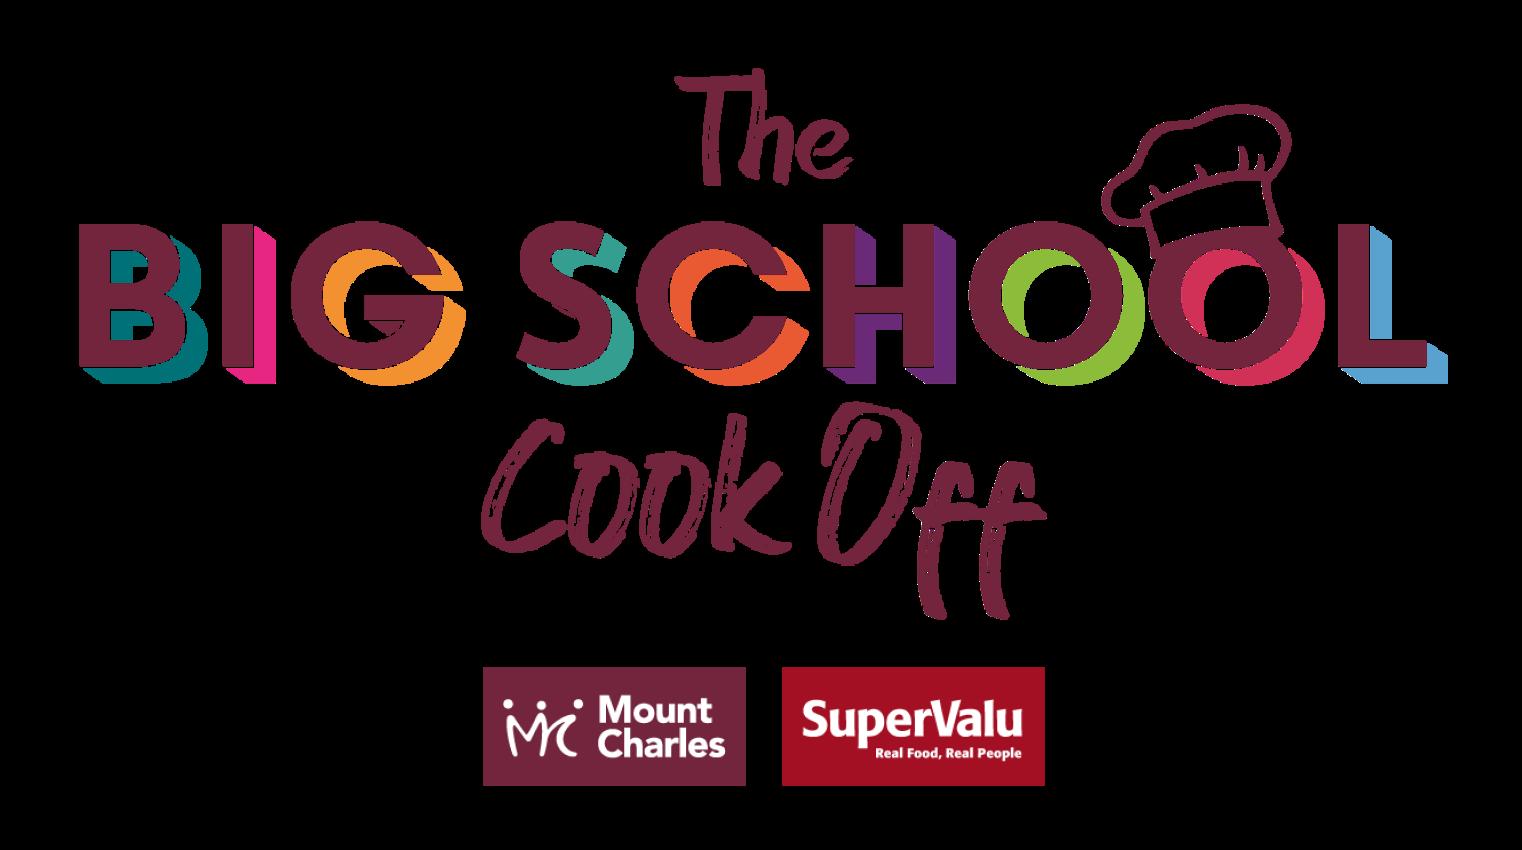 The Big School Cook Off